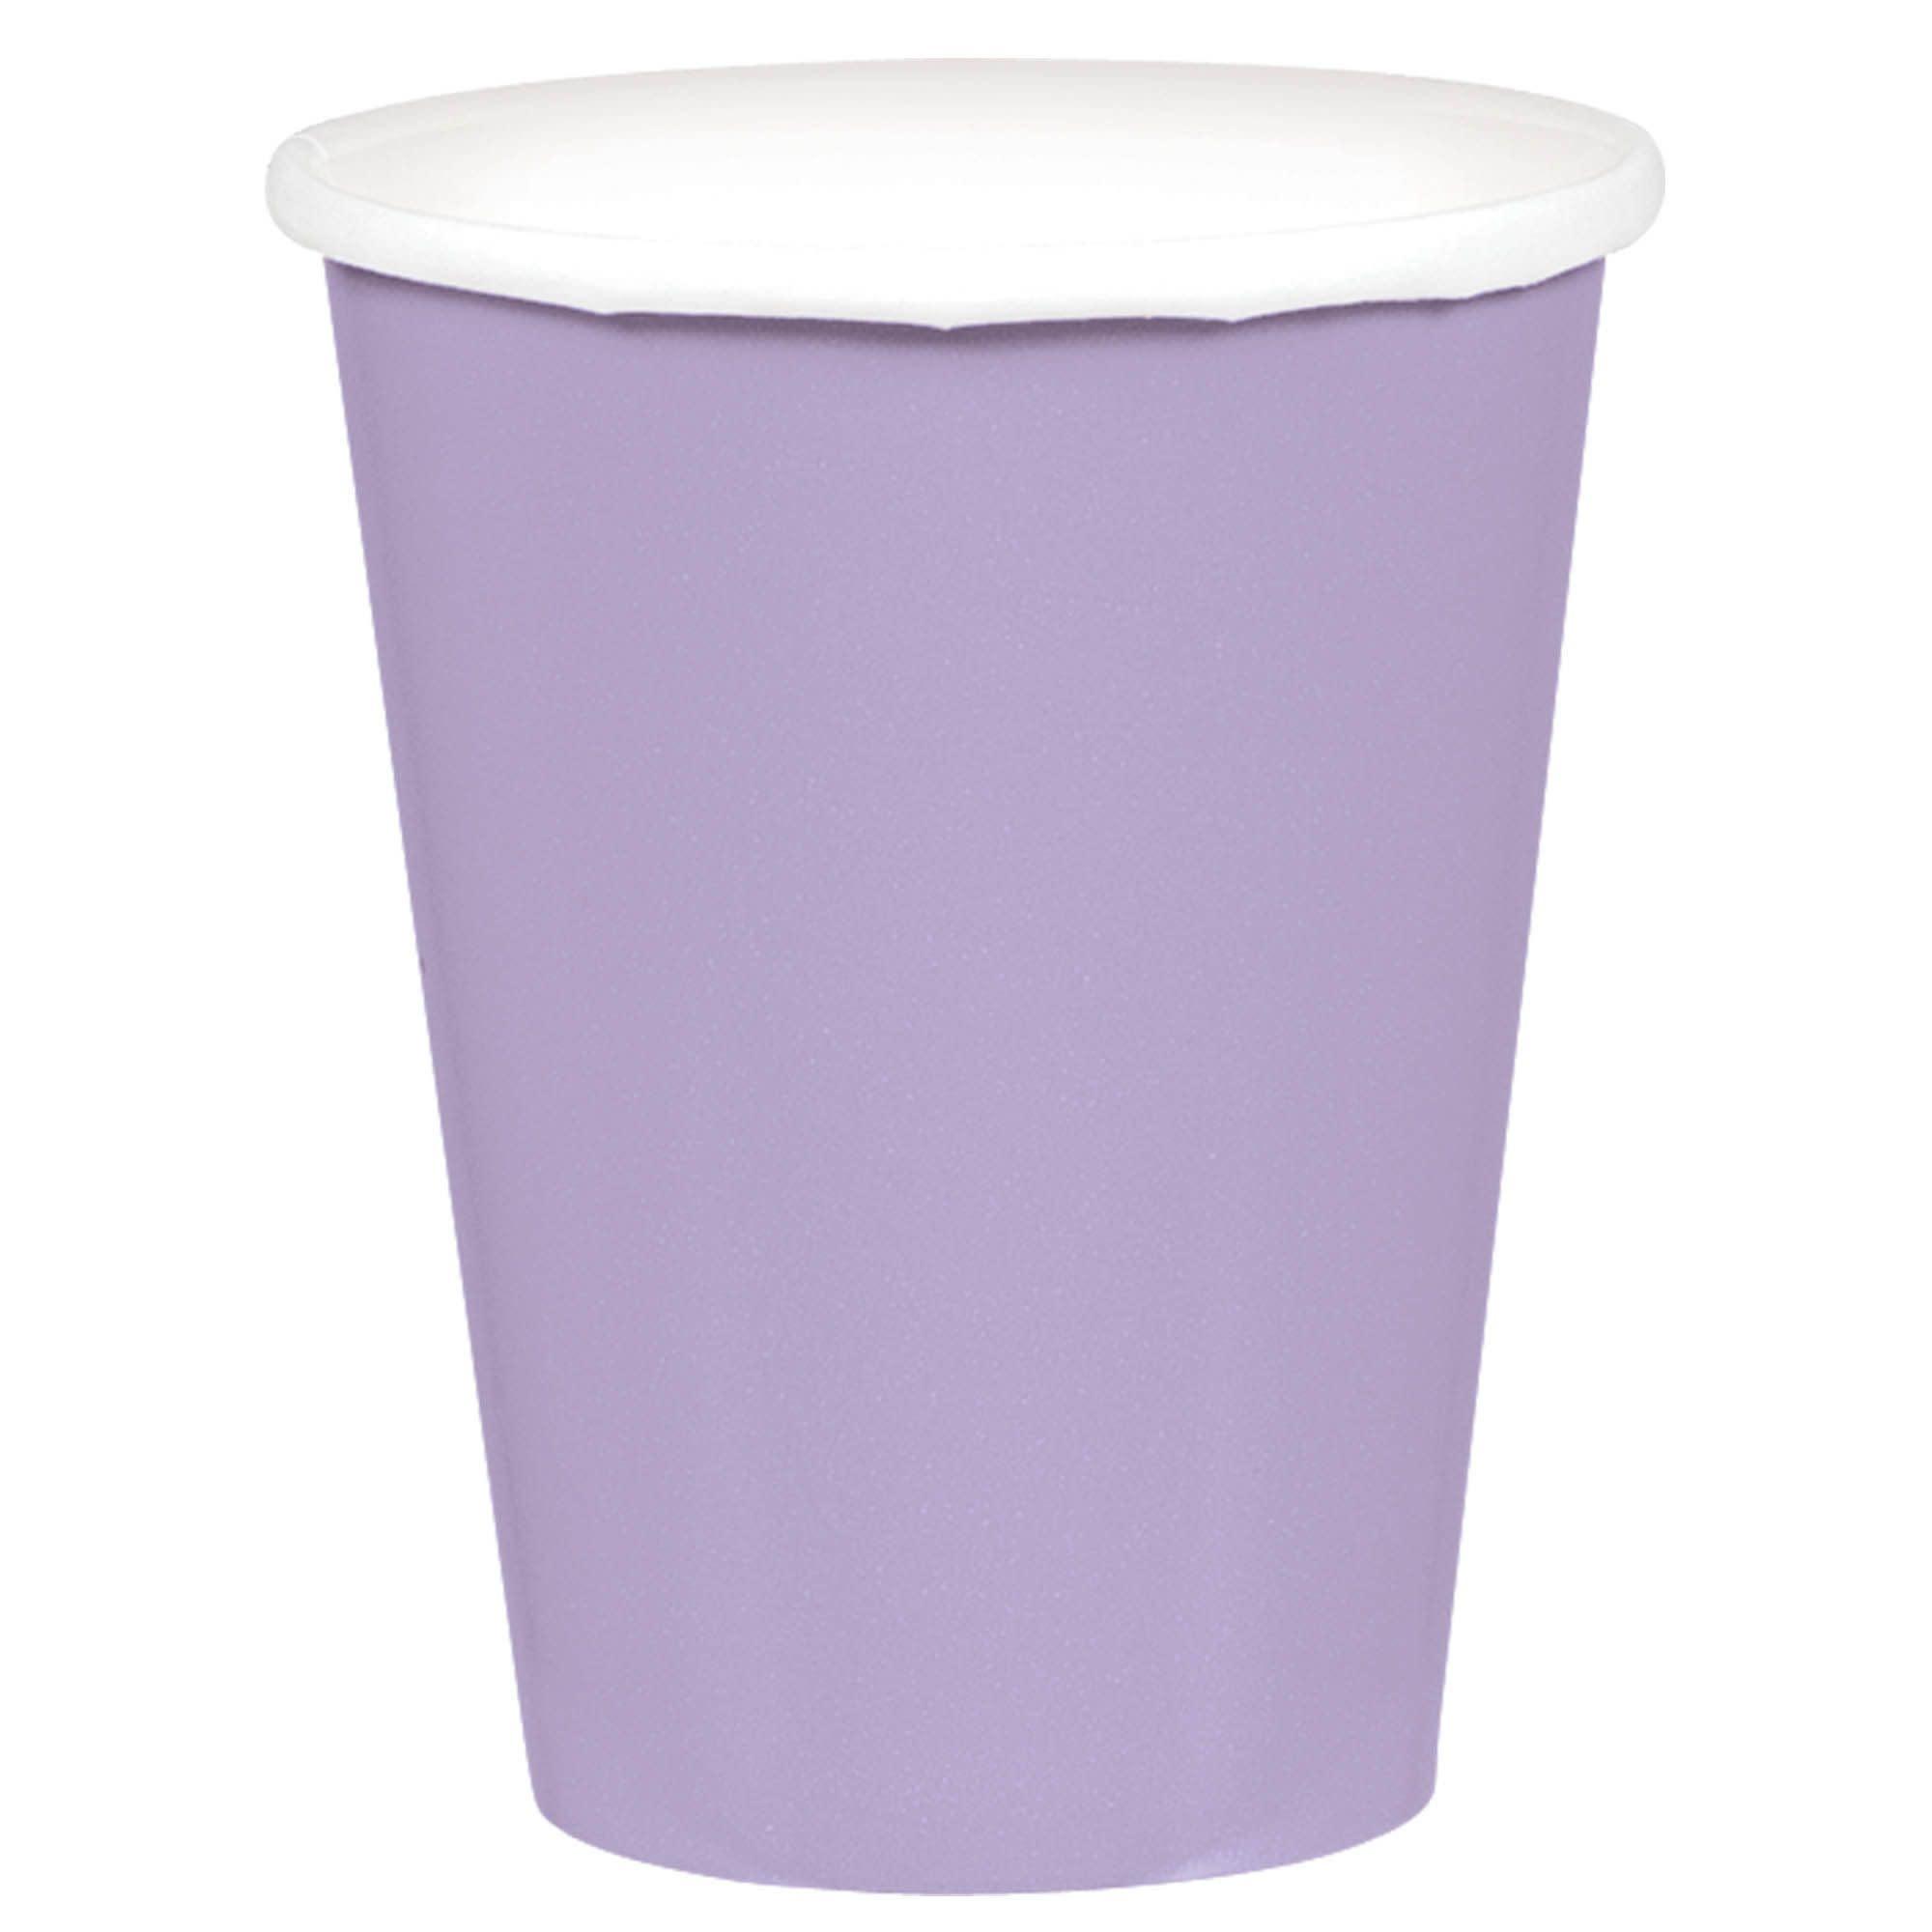 Lavender Paper Cups, 9oz.